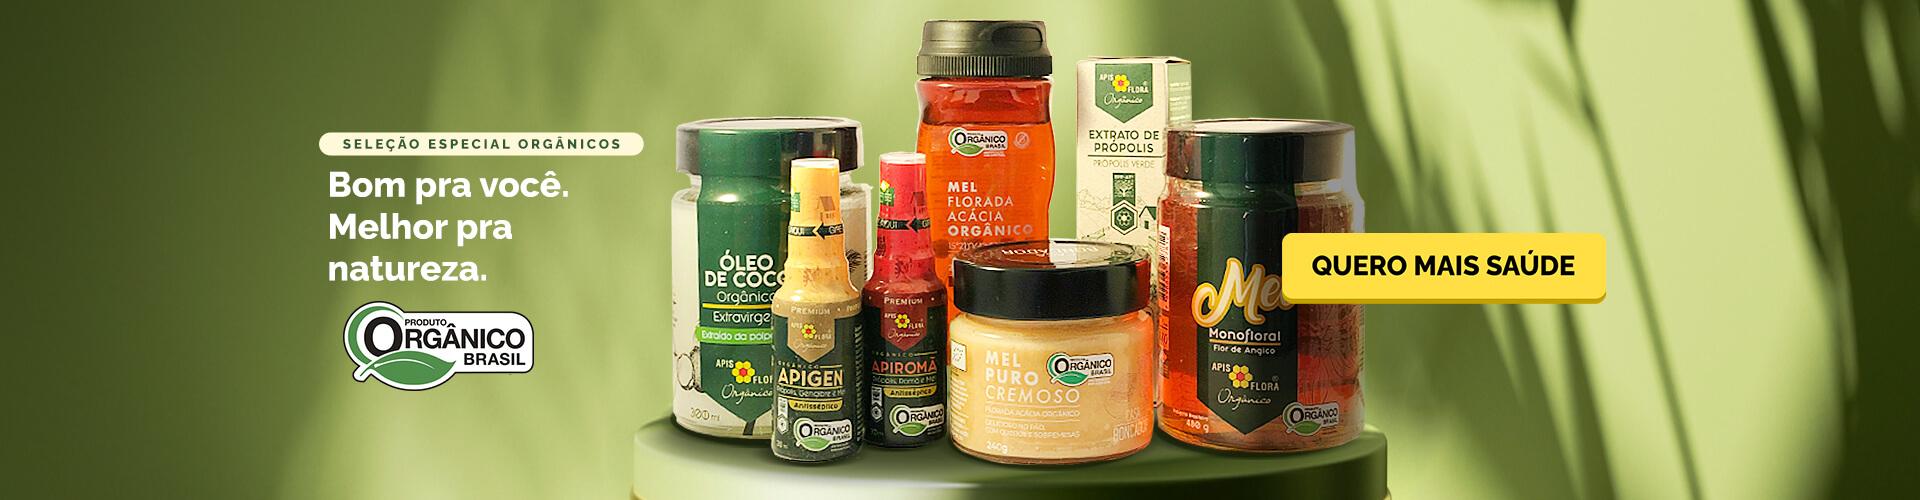 Seleção especial orgânicos